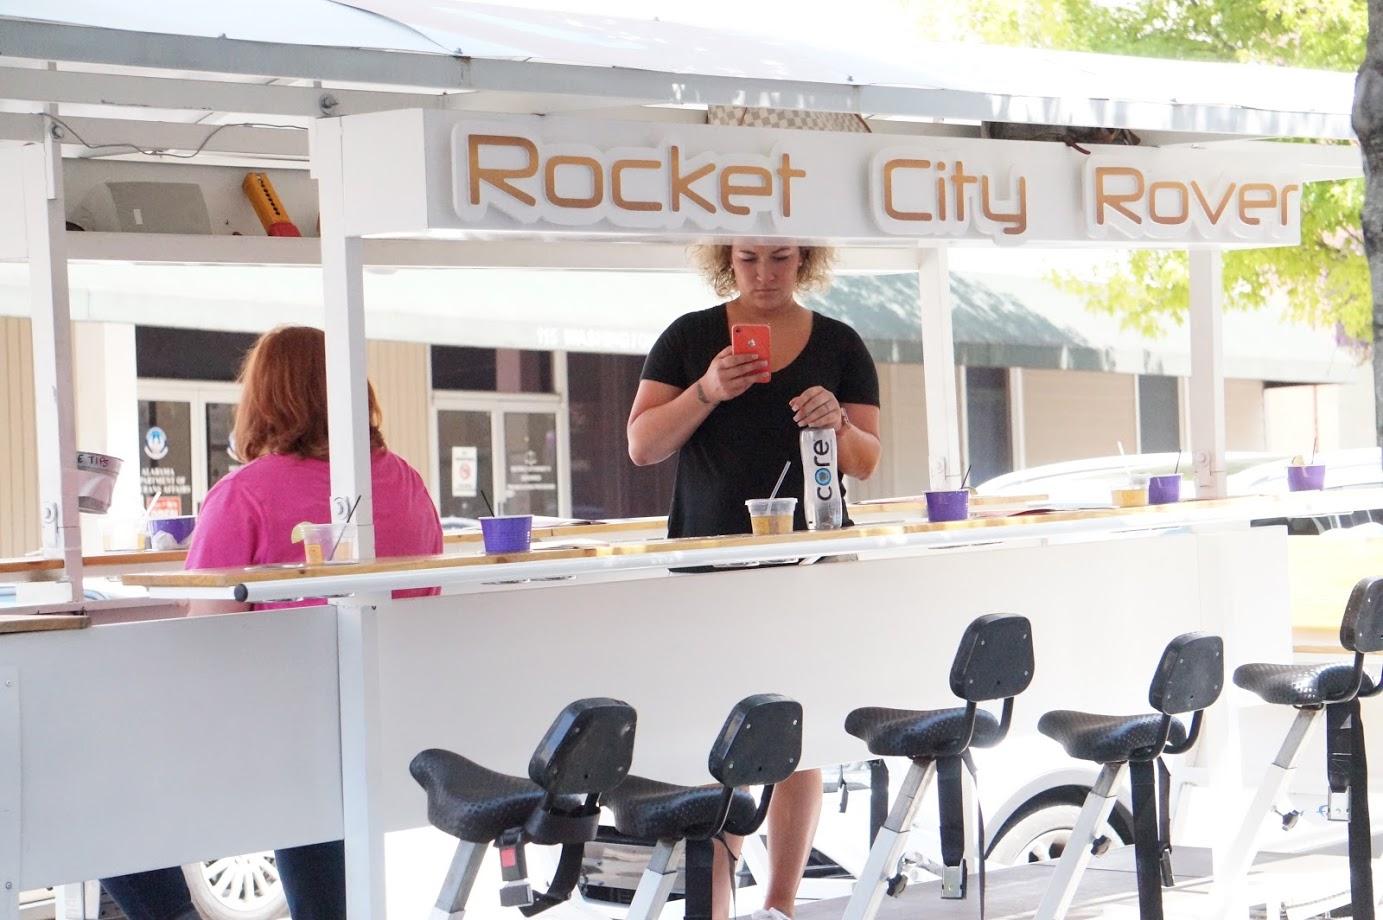 rocket city rover.JPG